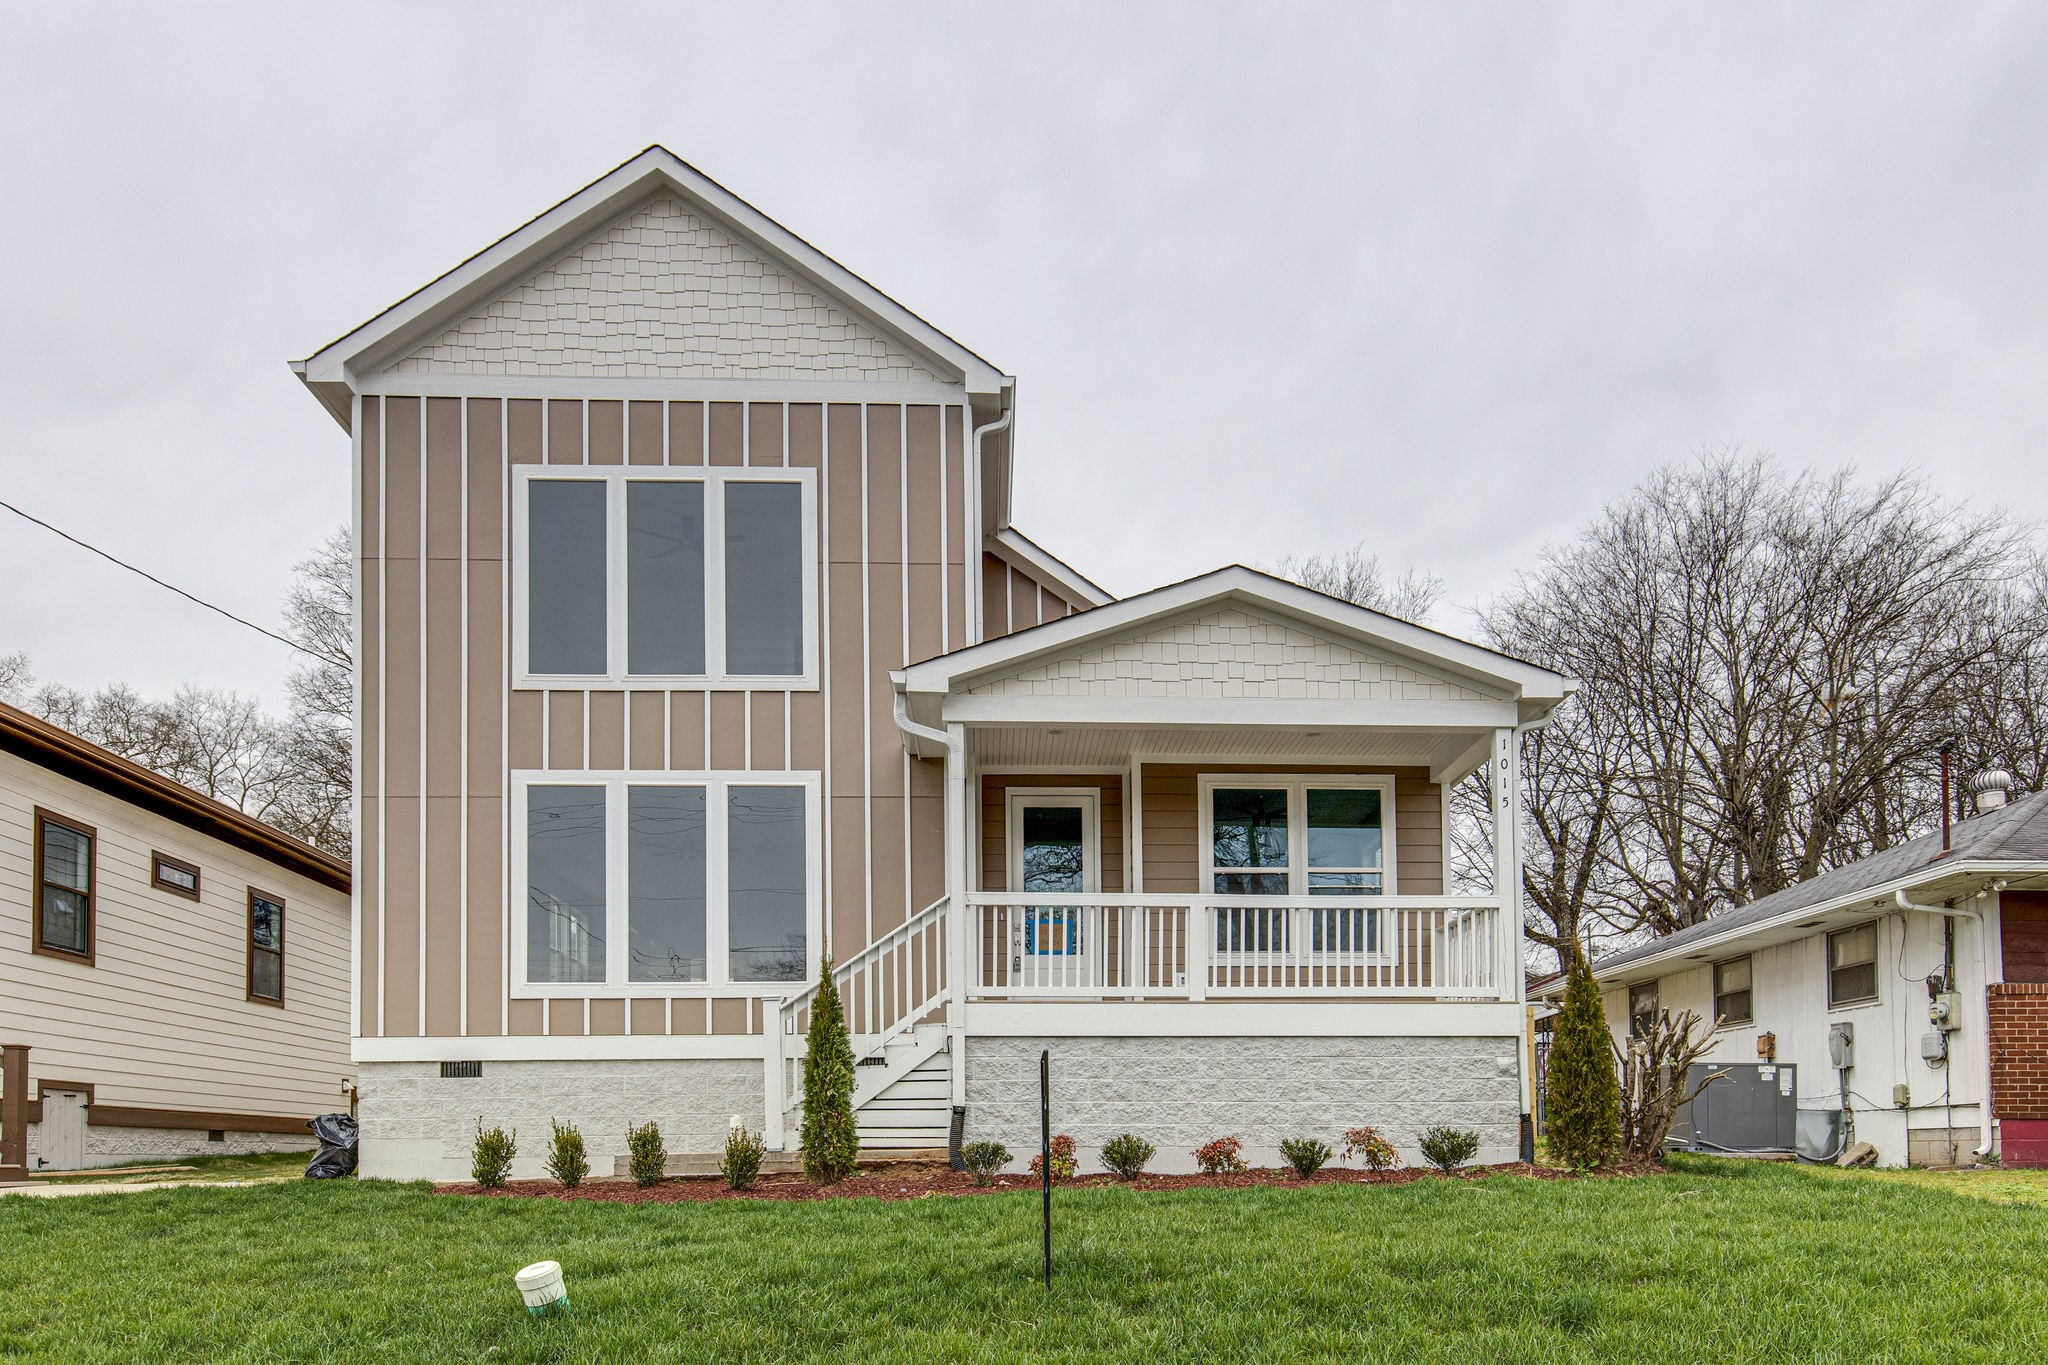 1015 42nd Ave, N, Nashville, TN 37209 - Nashville, TN real estate listing